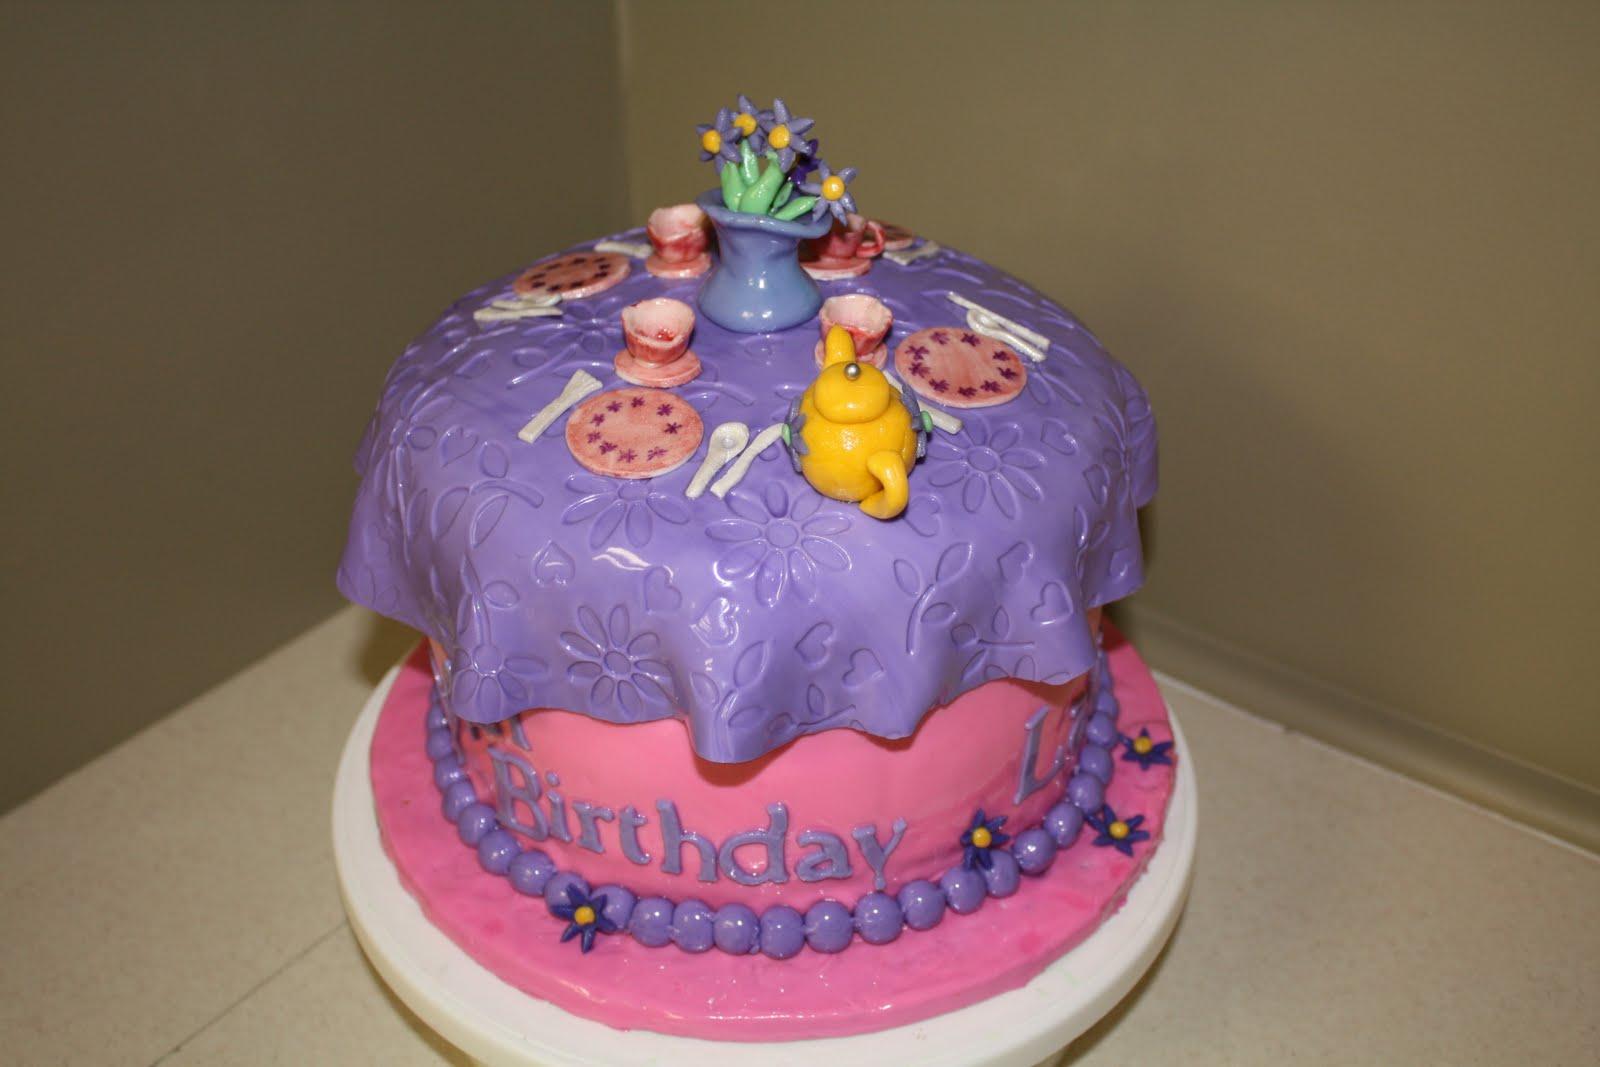 Tea party cakes decoration ideas little birthday cakes - Birthday cake decorations ideas ...